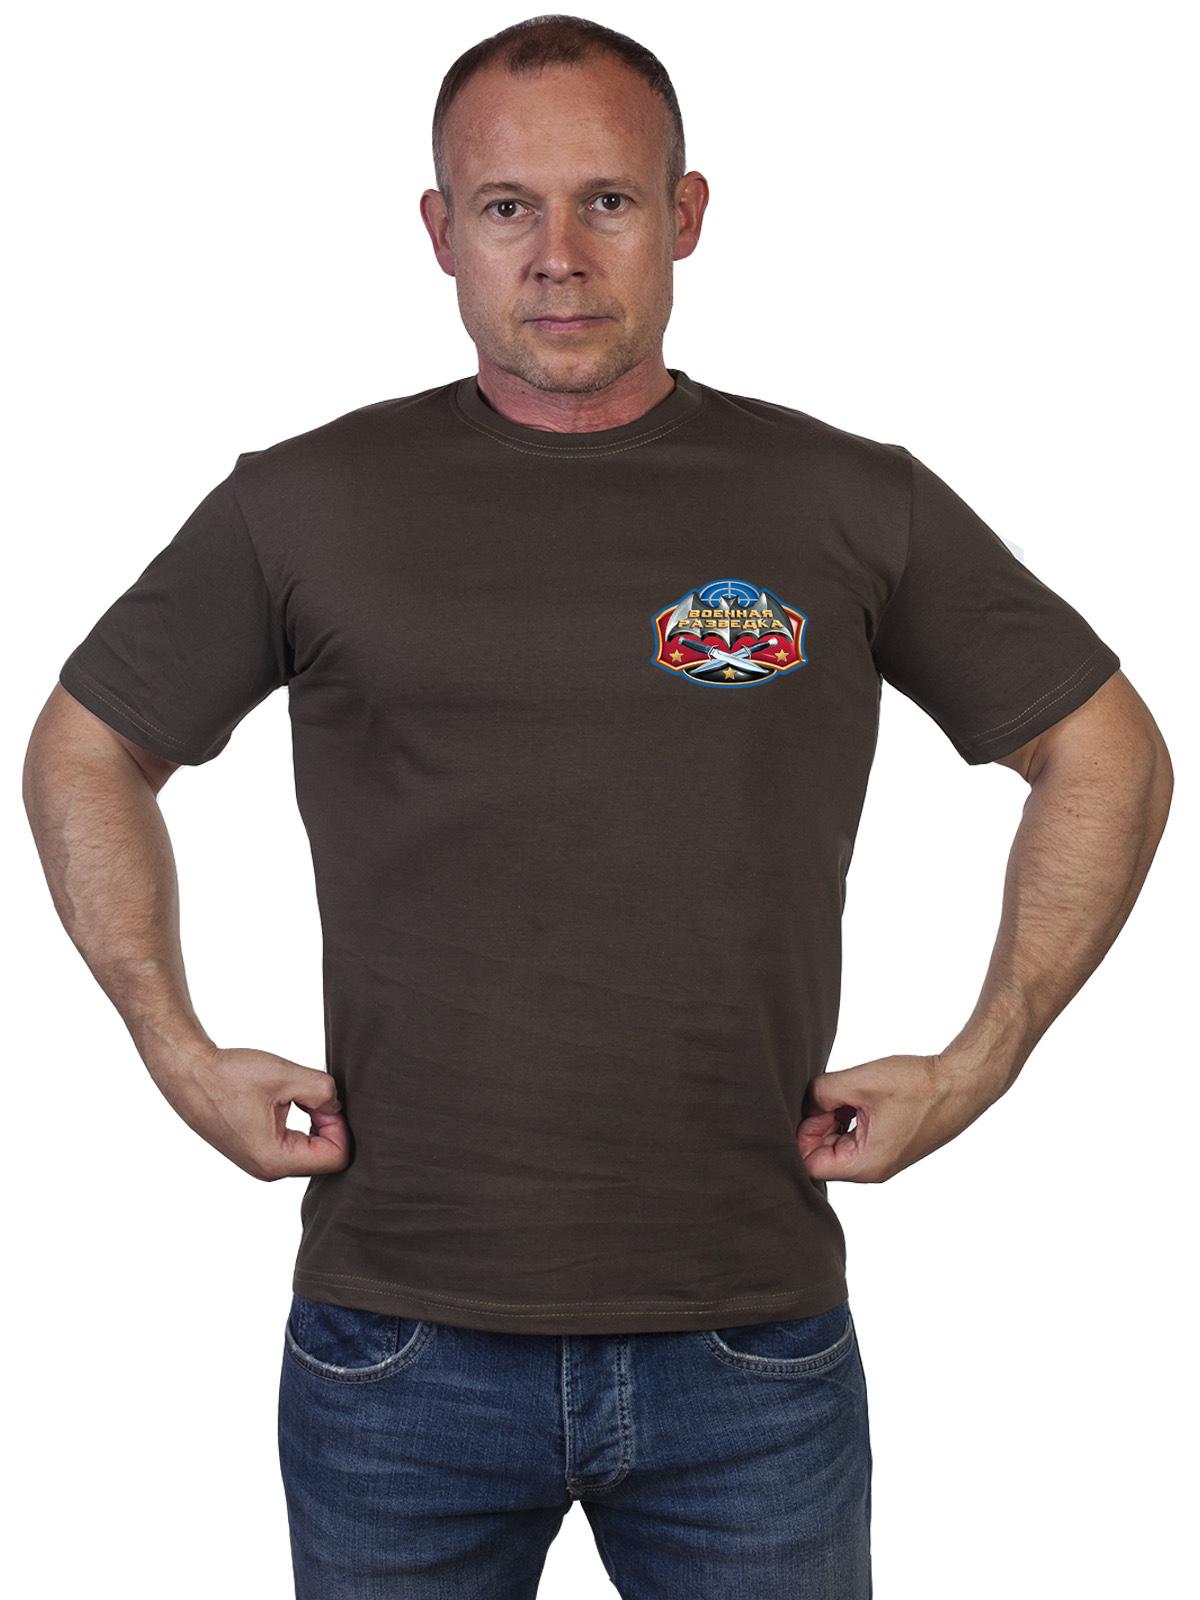 Купить в интернет магазине футболку с принтом Военной разведки